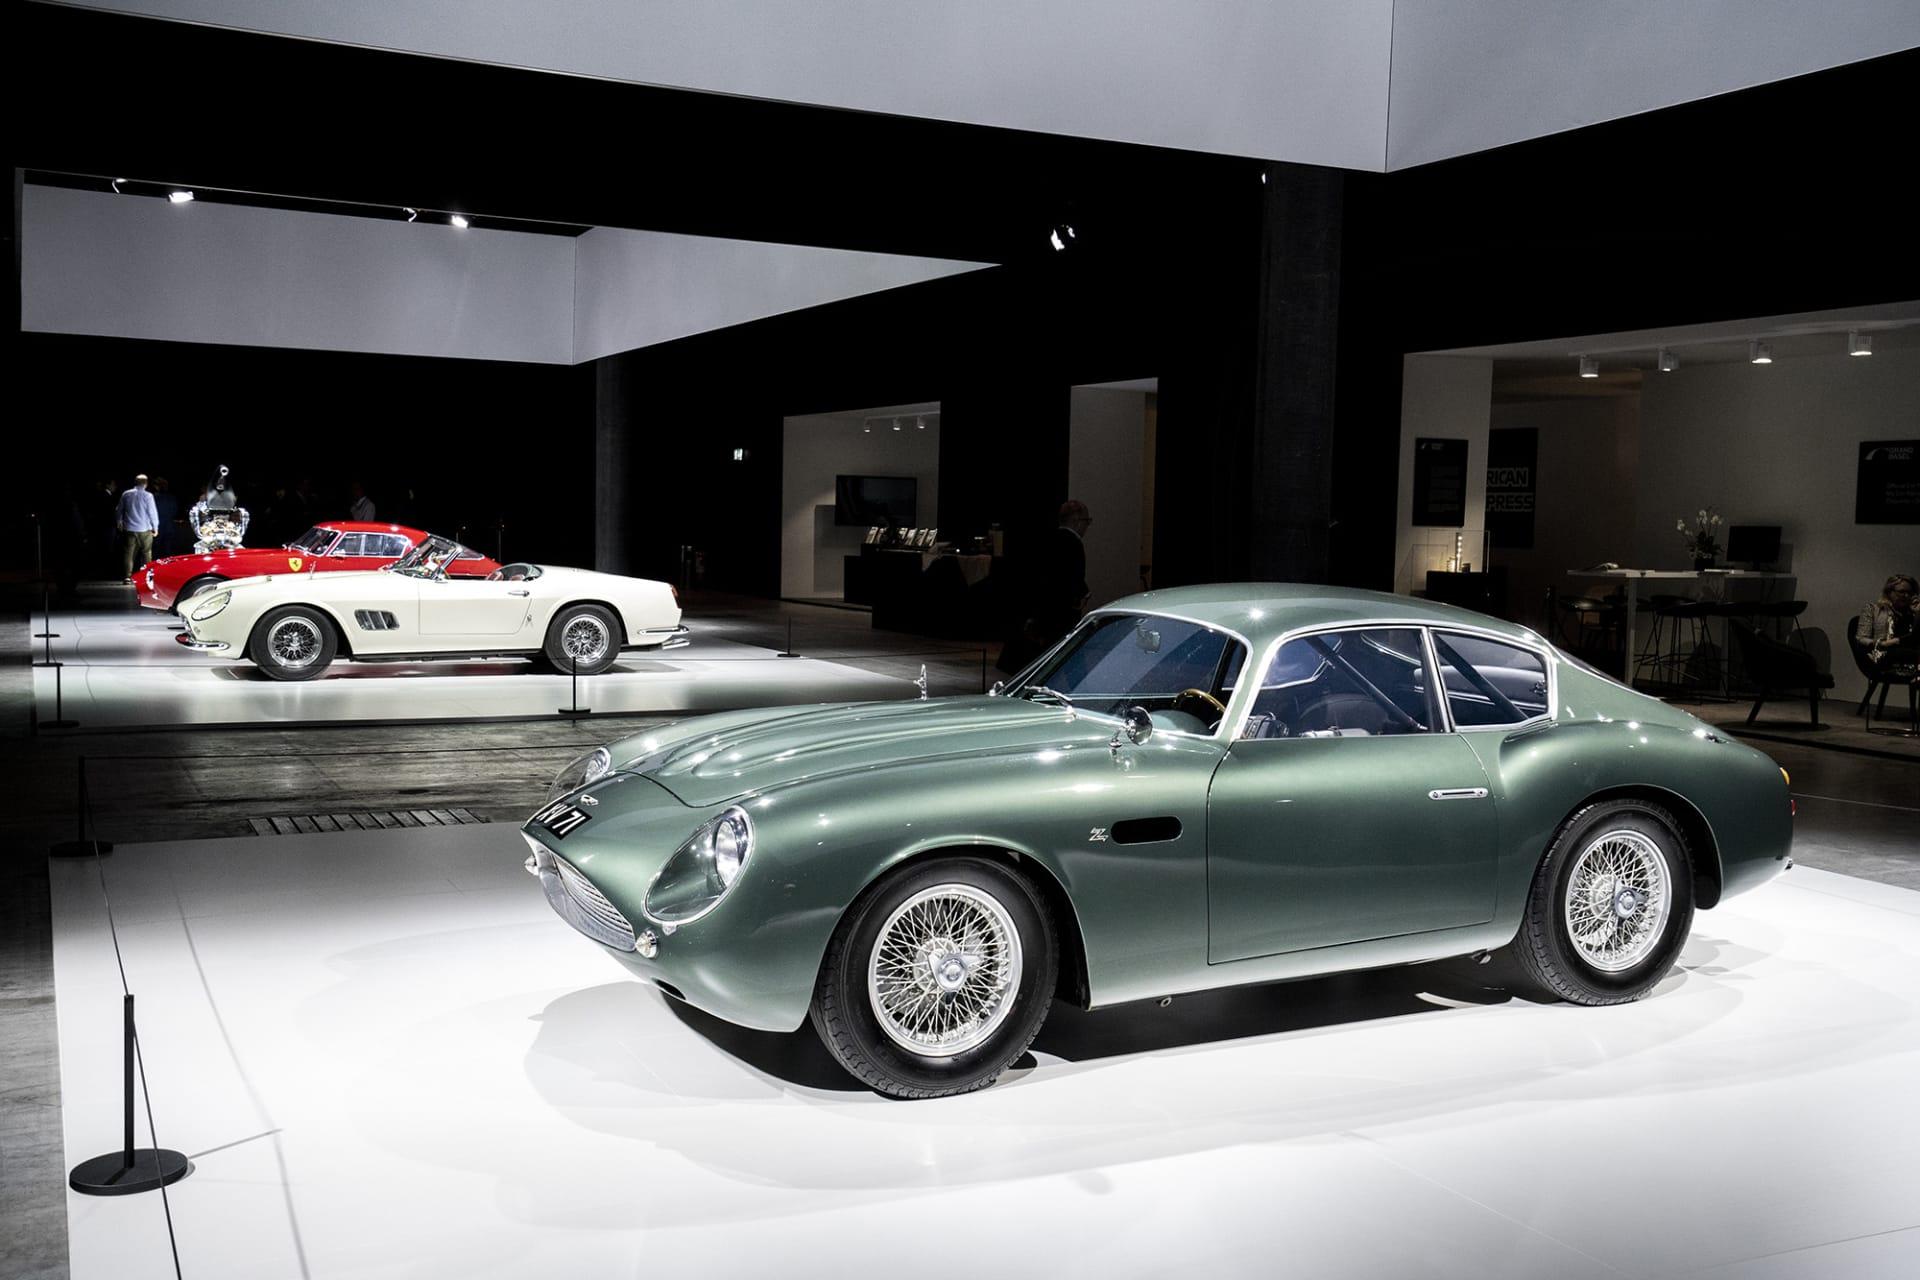 Designen bakom DB4 GT Zagato är Ercole Spada. Det här var hans första kreation och troligen mest kända. Bland Aston Martin samlare är det få modeller som skapar så mycket uppmärksamhet som den här. Avtäckningen skedde i samband med Londons Motorsalong 1960 i Earl's Court.